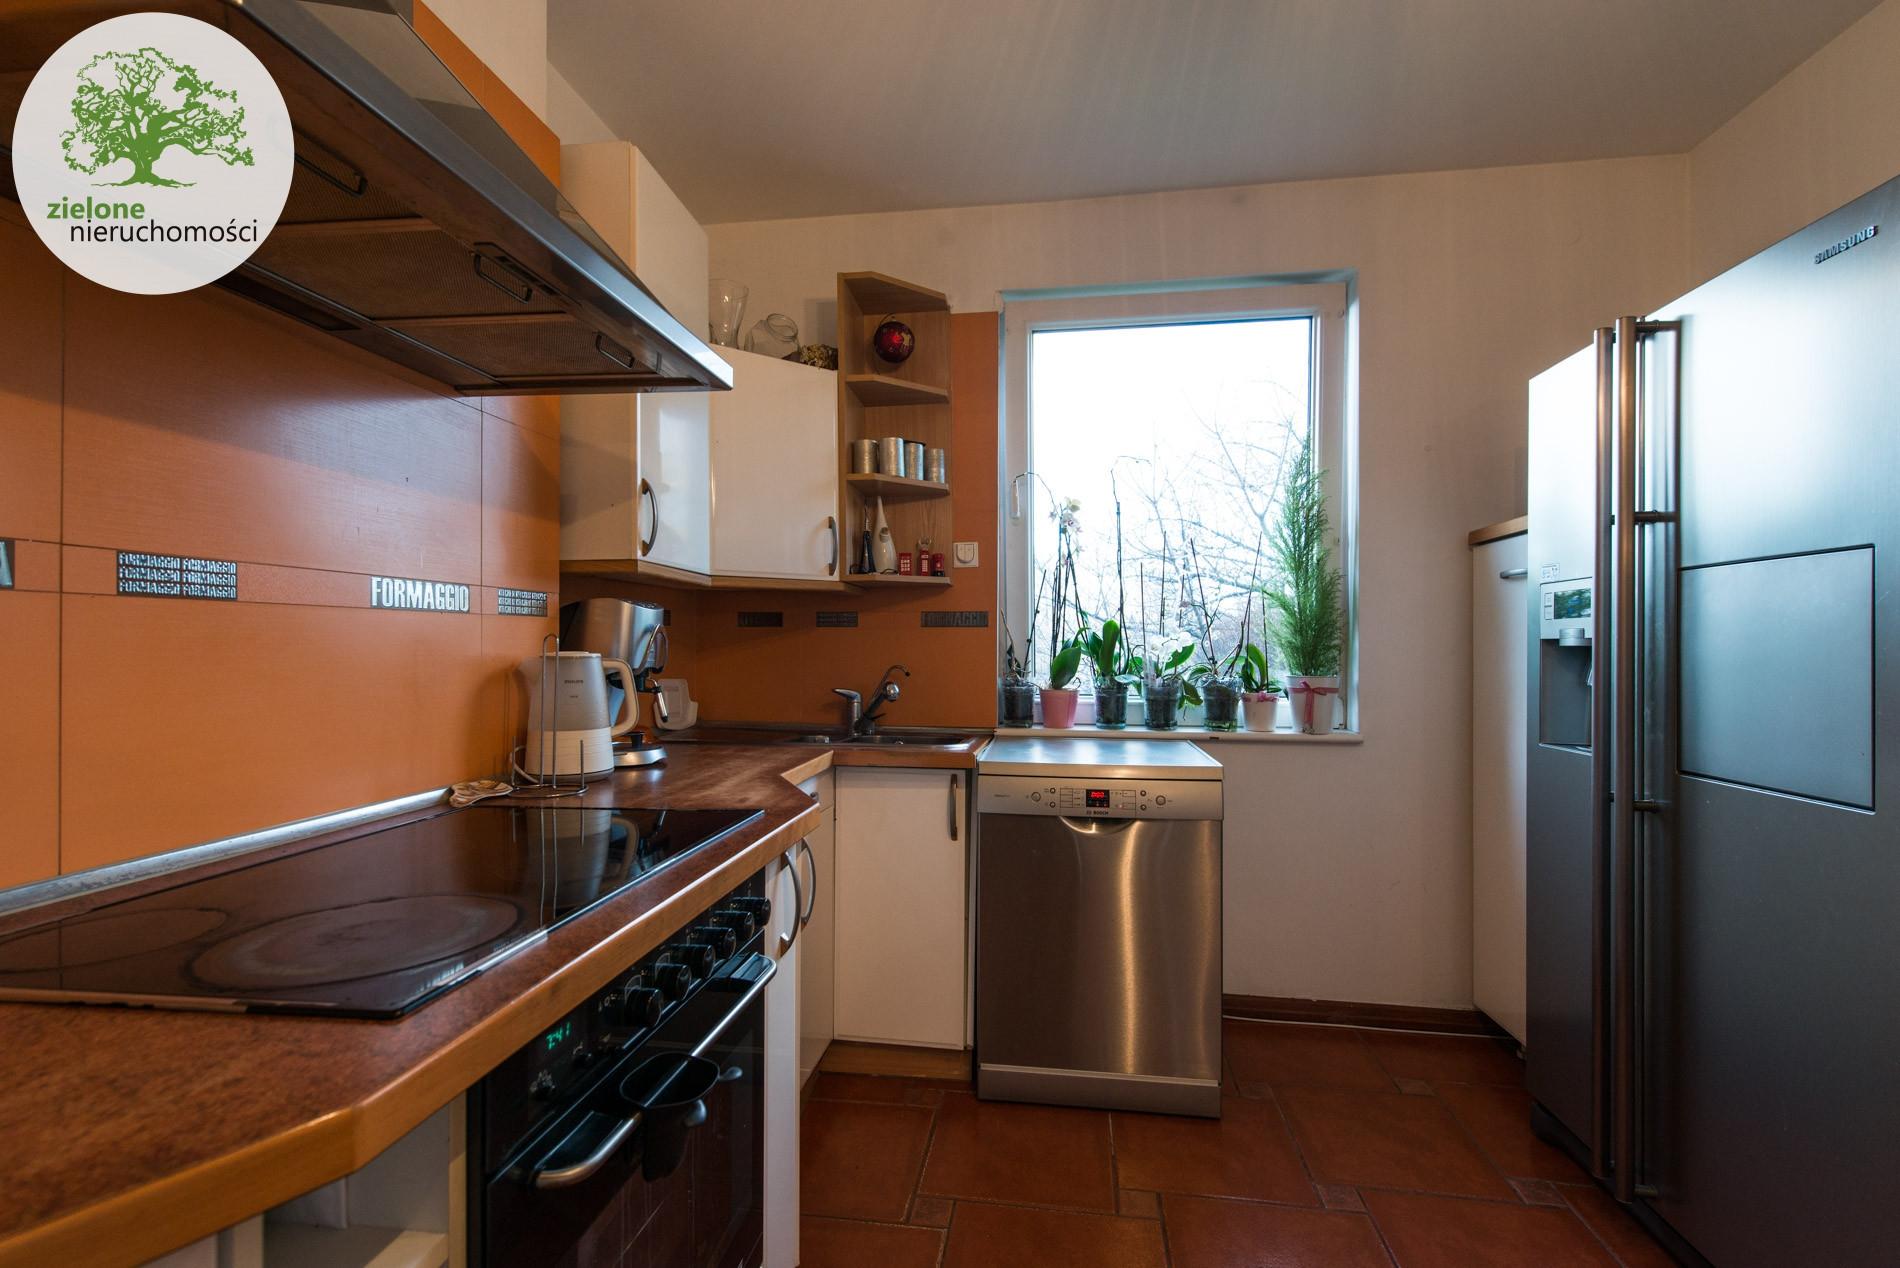 Zdjęcie 4Aleksandrowice- ładny,funkcjonalny dom